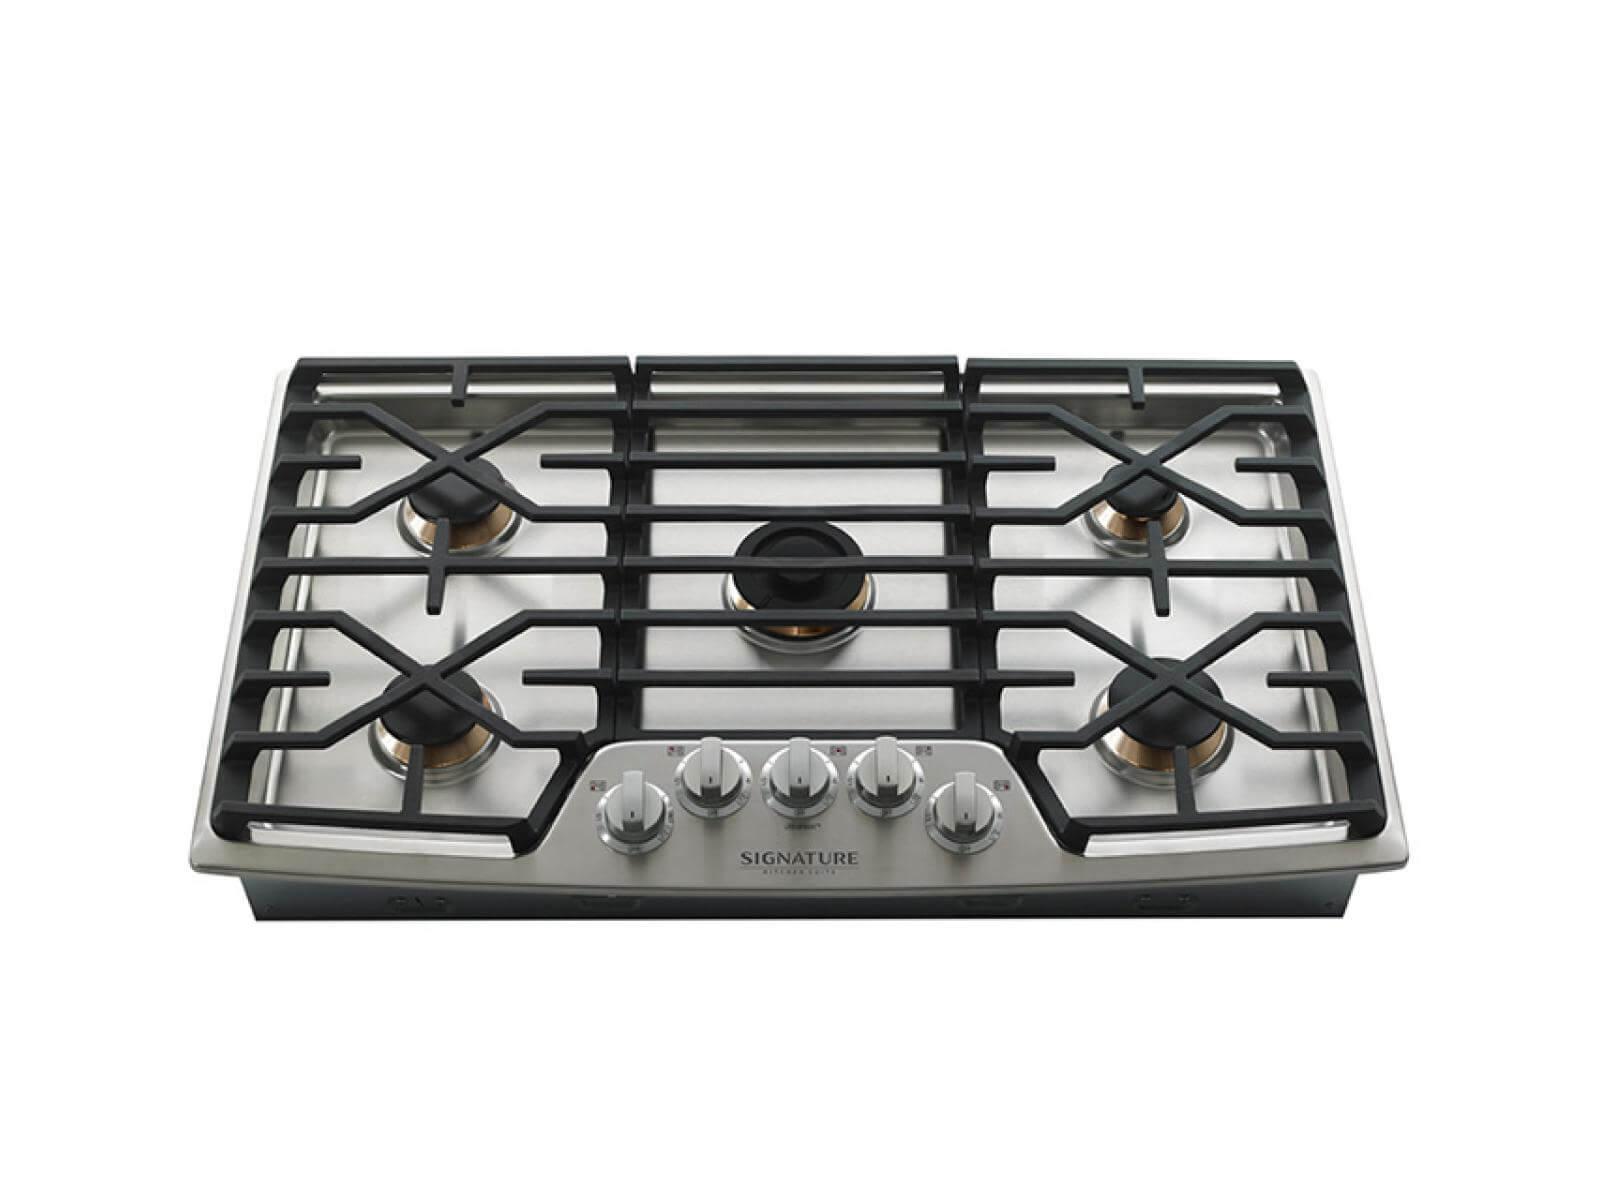 Surface de cuisson au gaz de 91cm |  Signature Kitchen Suite